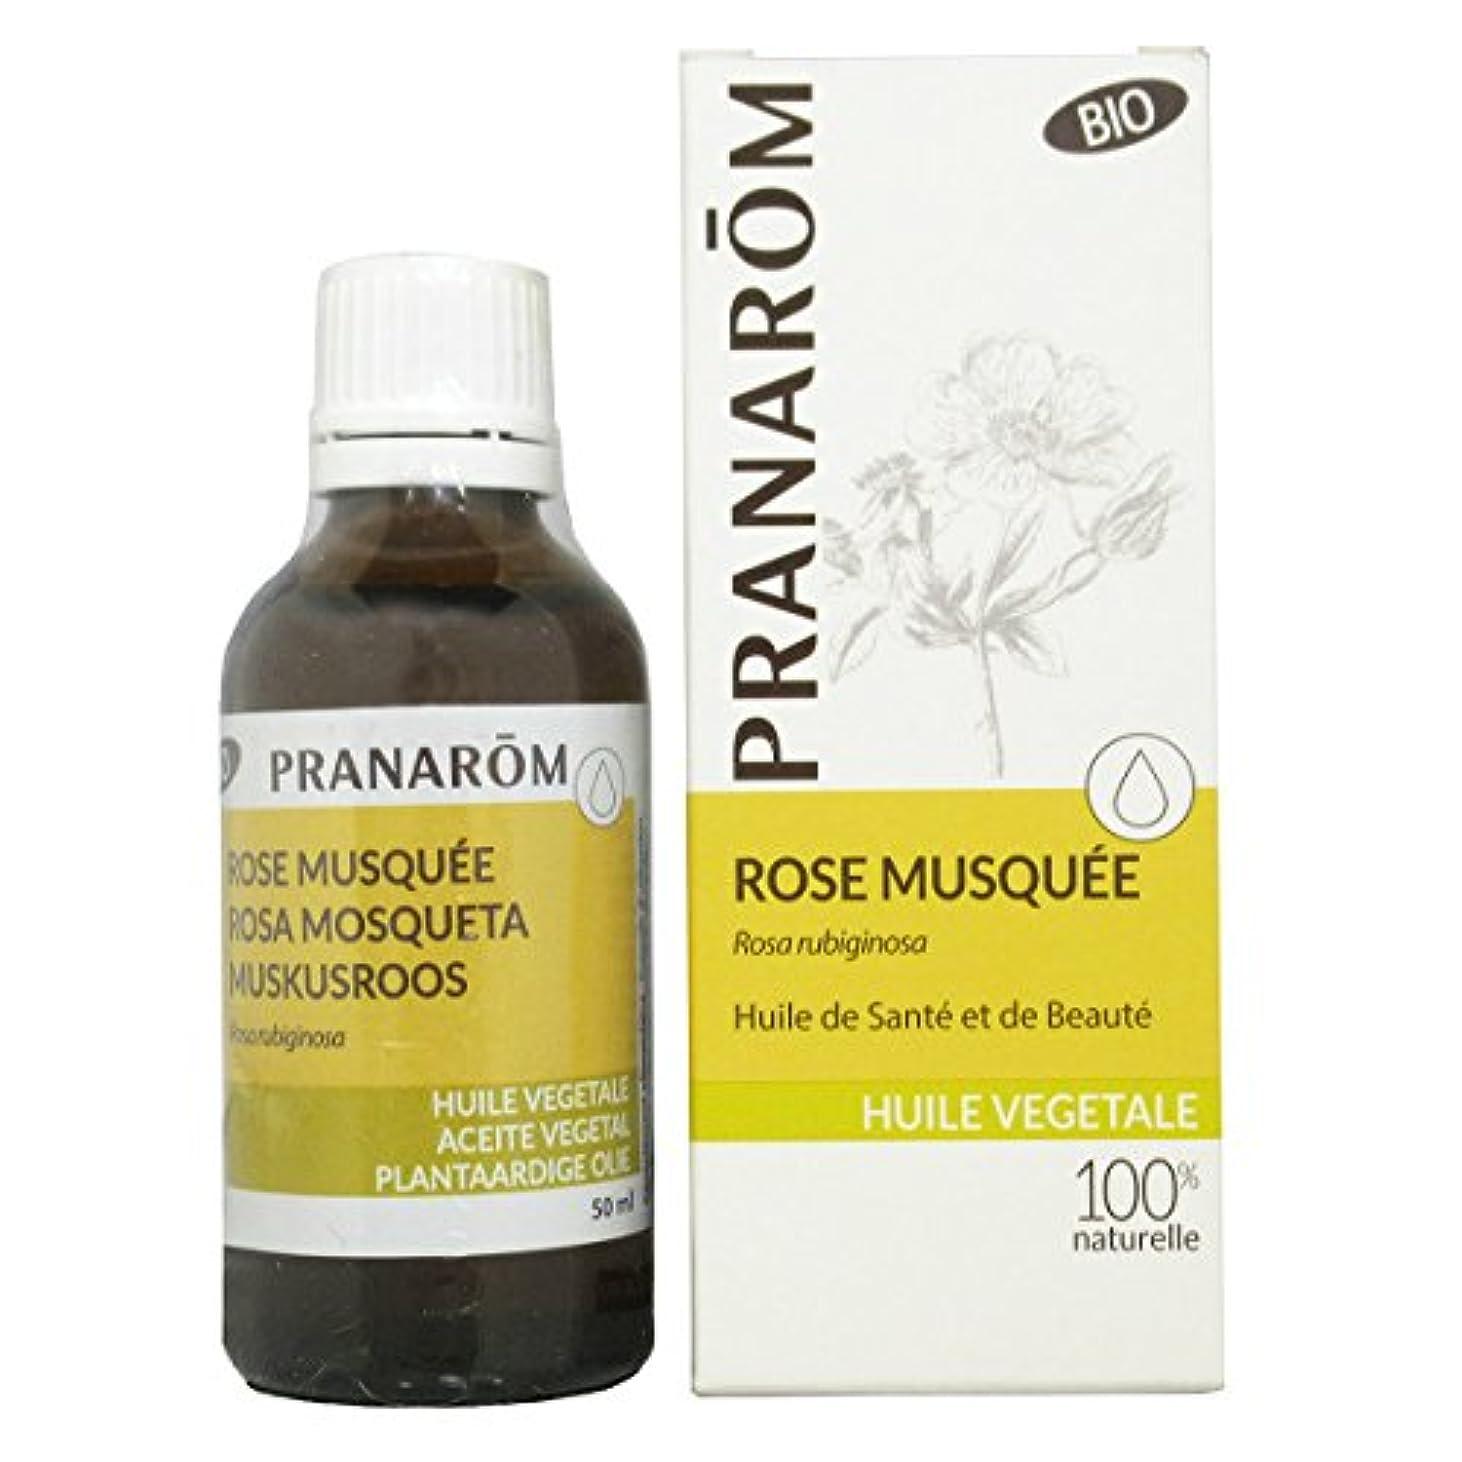 憂鬱ファシズム逆さまにプラナロム ローズヒップオイル 50ml (PRANAROM 植物油)